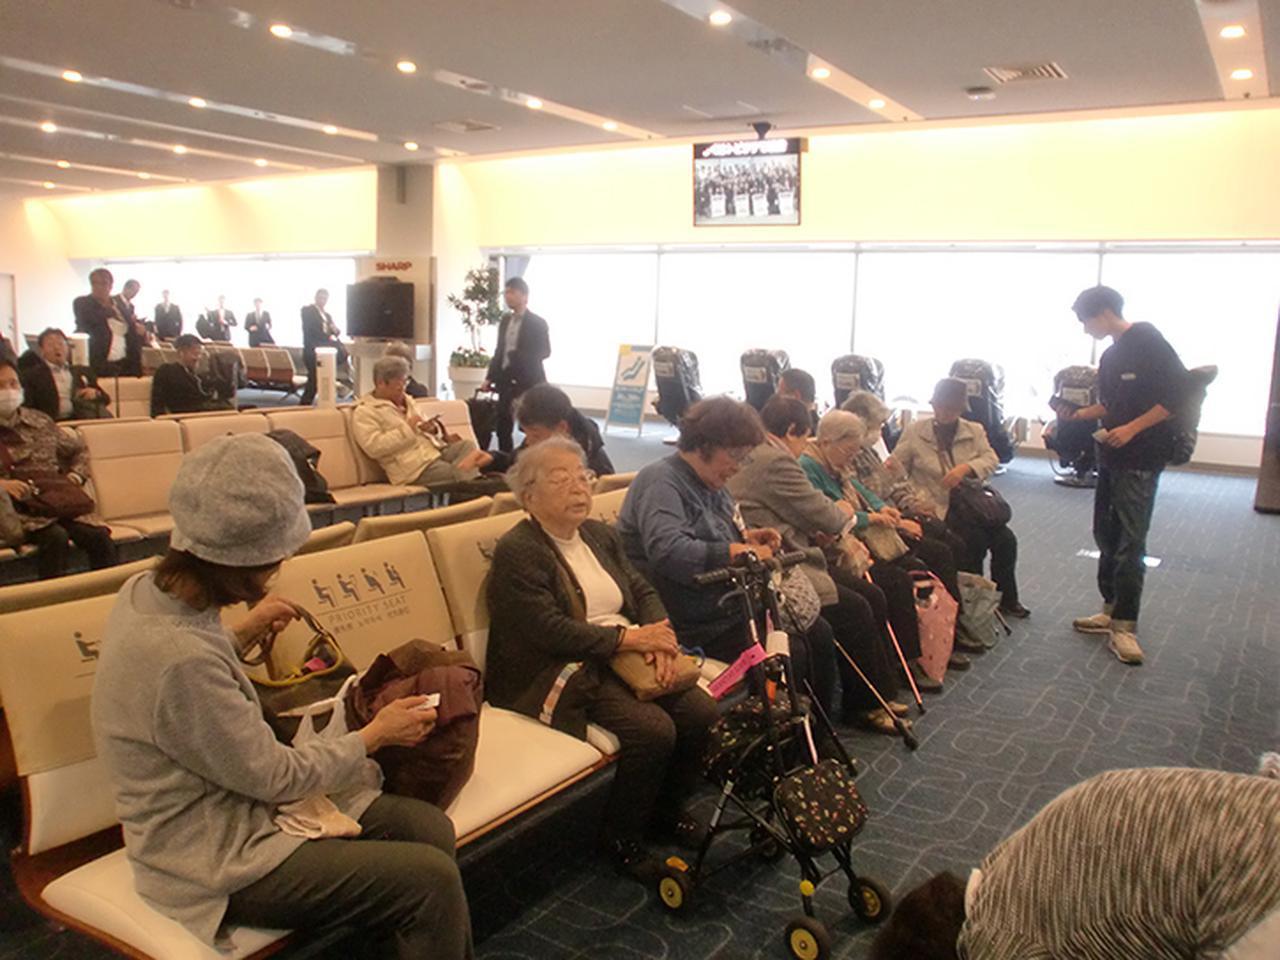 画像: 飛行機に乗る前、搭乗口にて。久しぶりの飛行機旅行にワクワク。